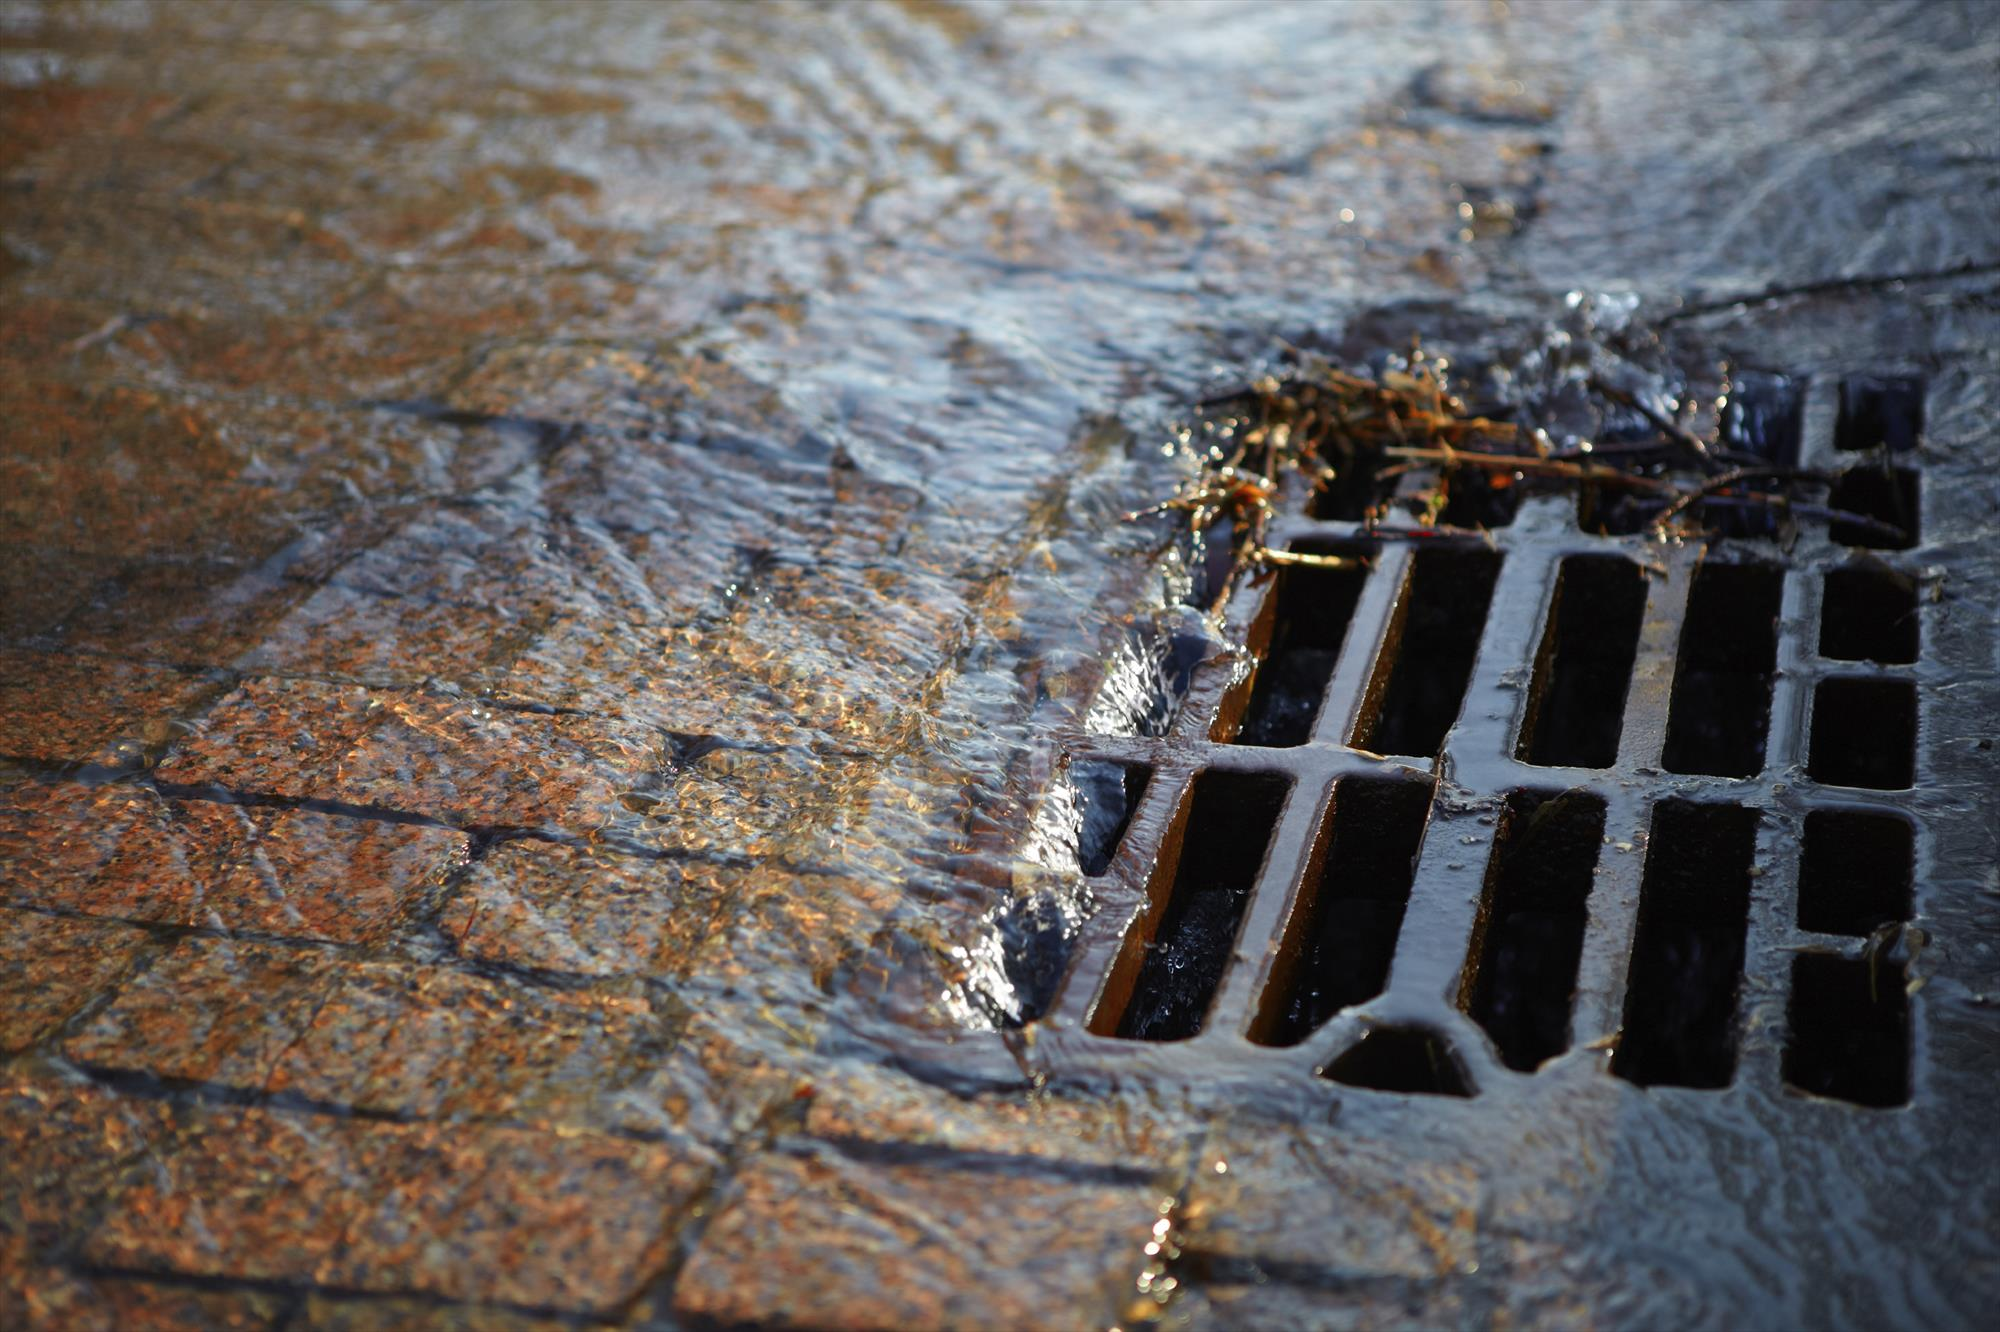 ВРостове насмену исодержание ливневок истратят 5 млн руб.